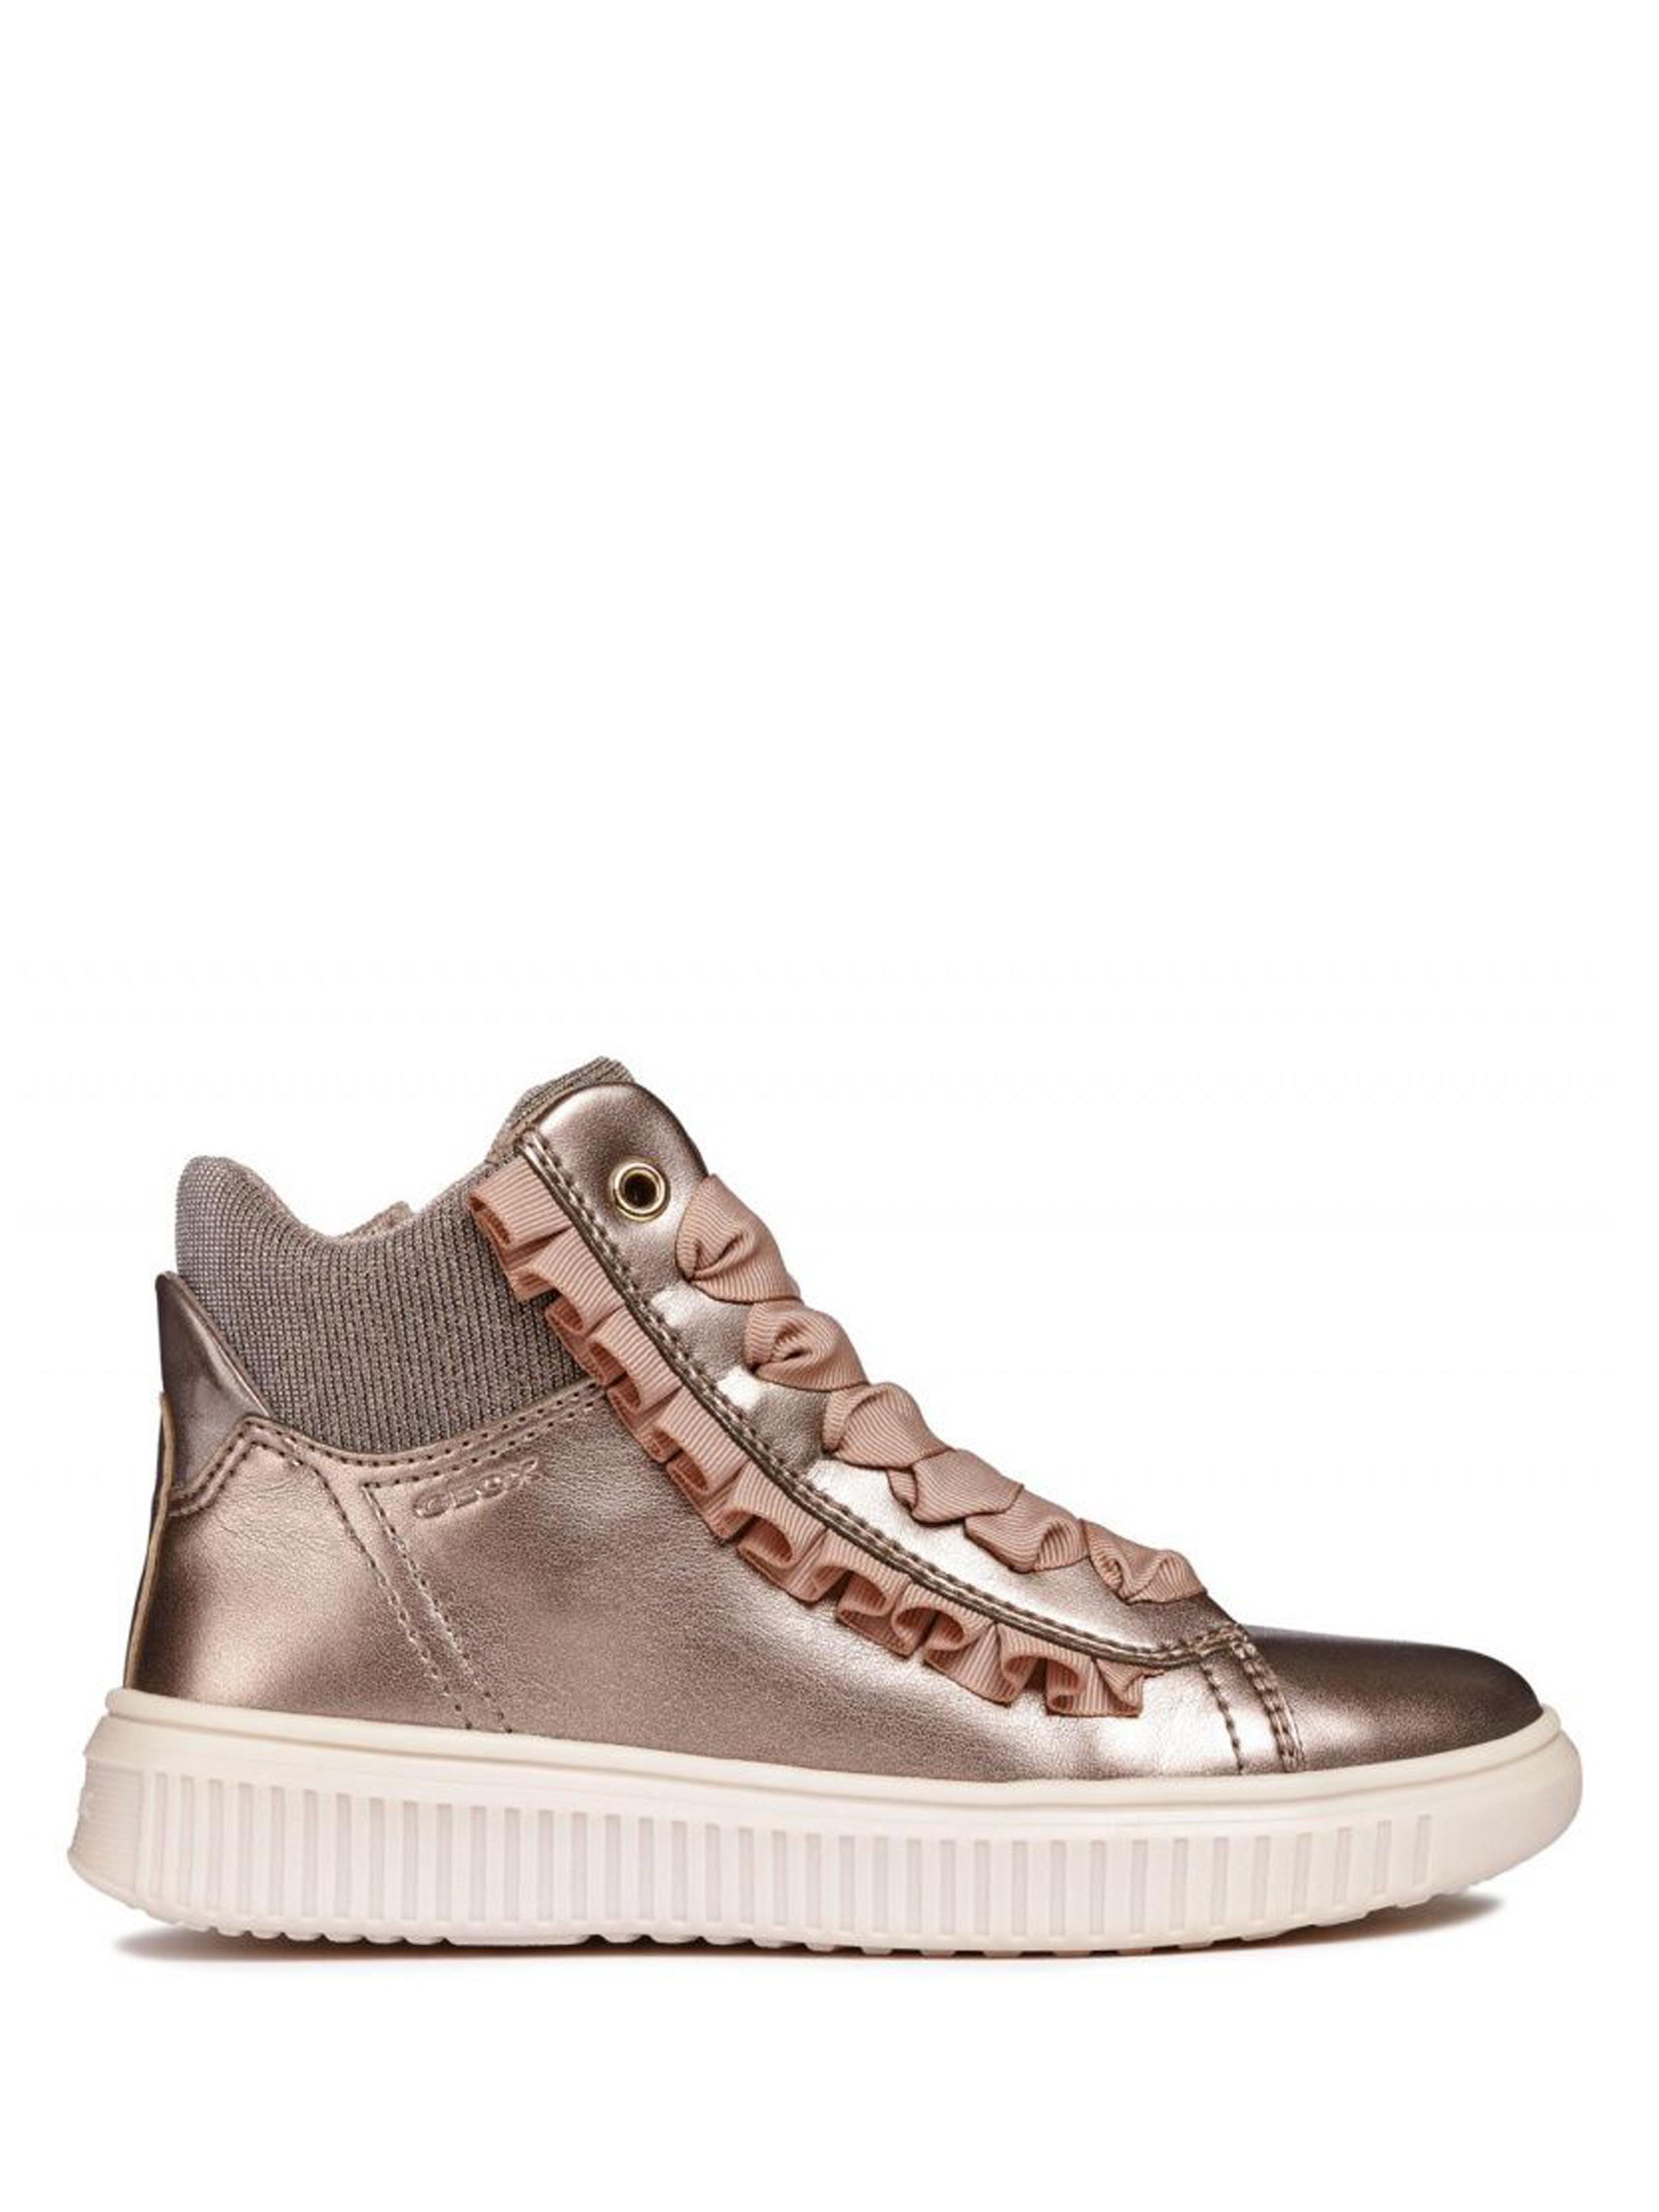 Ботинки для детей Geox J DISCOMIX GIRL XK5967 Заказать, 2017